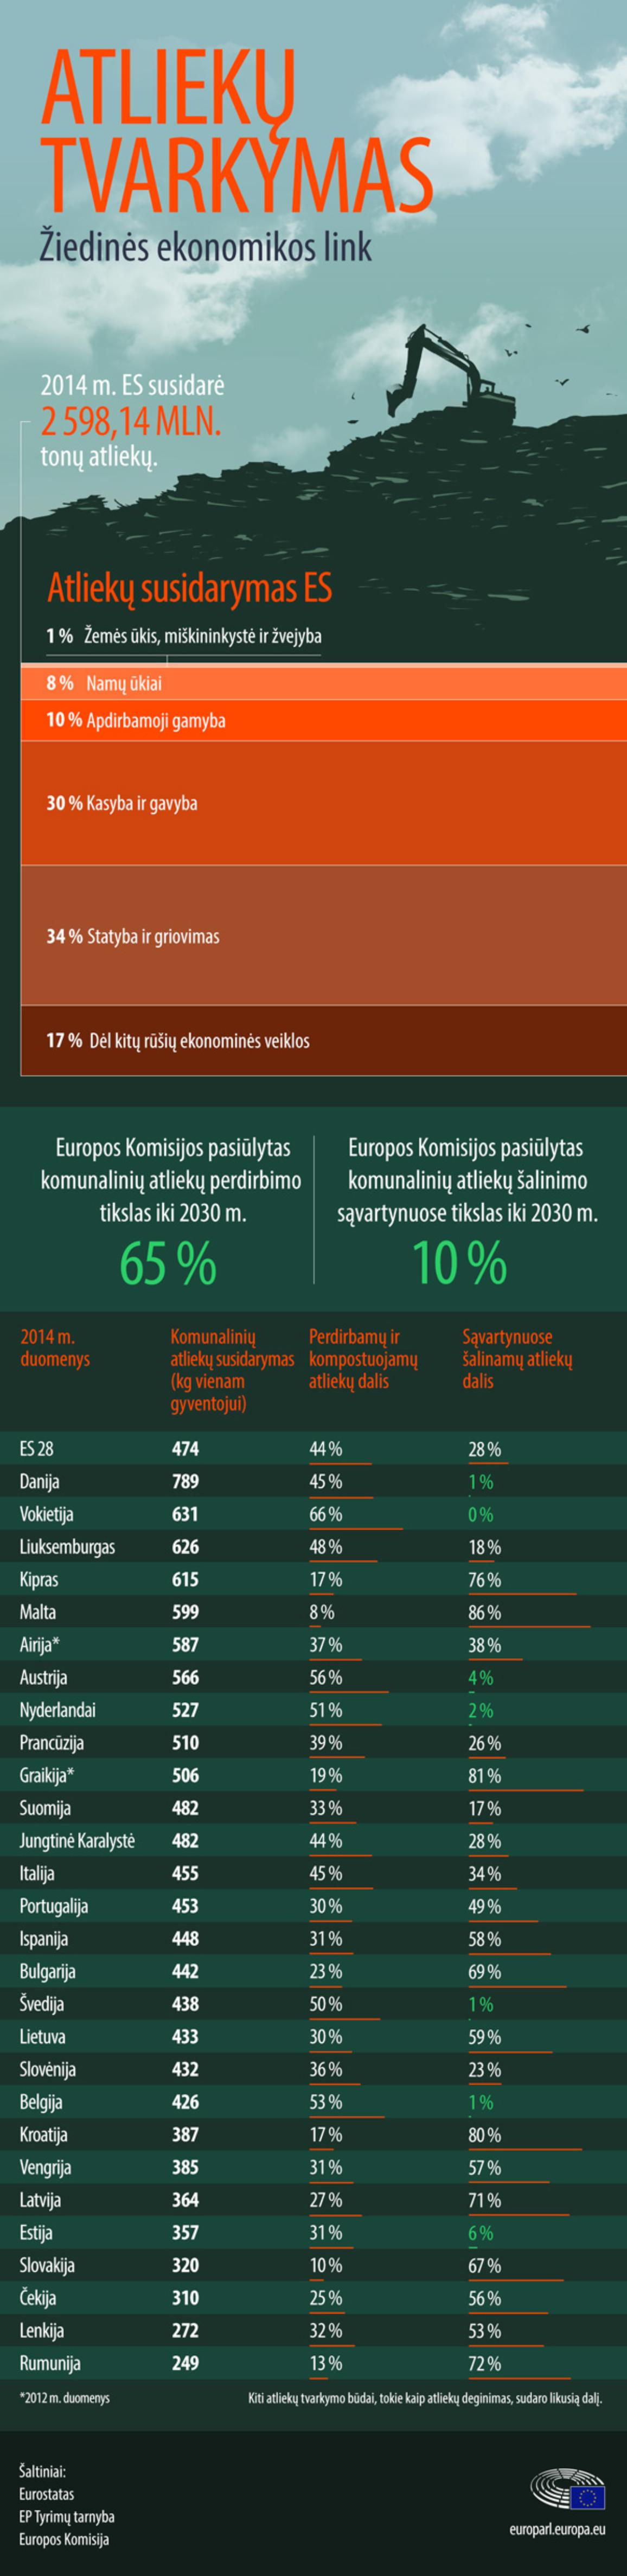 Atliekų susidarymas ir perdirbimas: faktai ir skaičiai